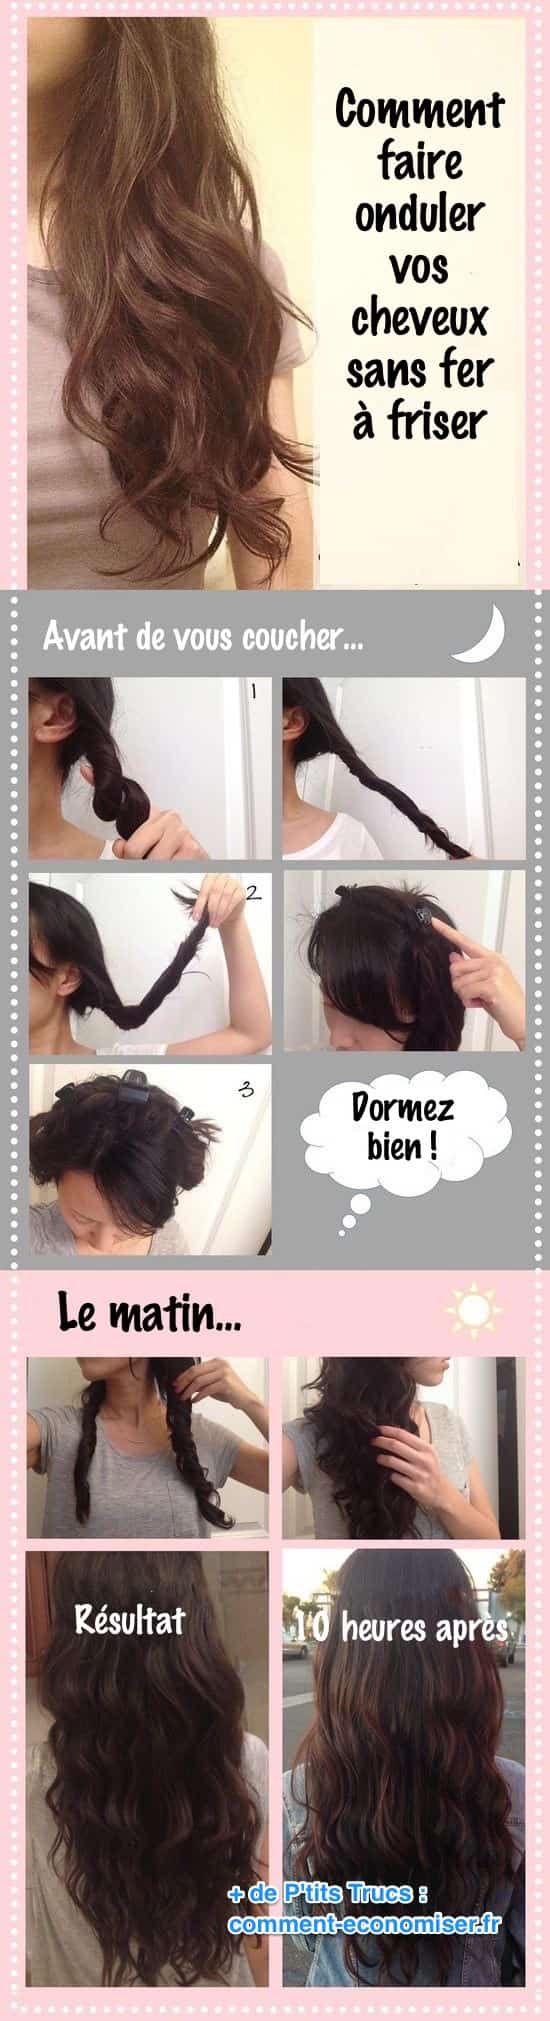 10 Astuces de Coiffeur Pour Boucler Ses Cheveux SANS Fer à Friser. #coiffure